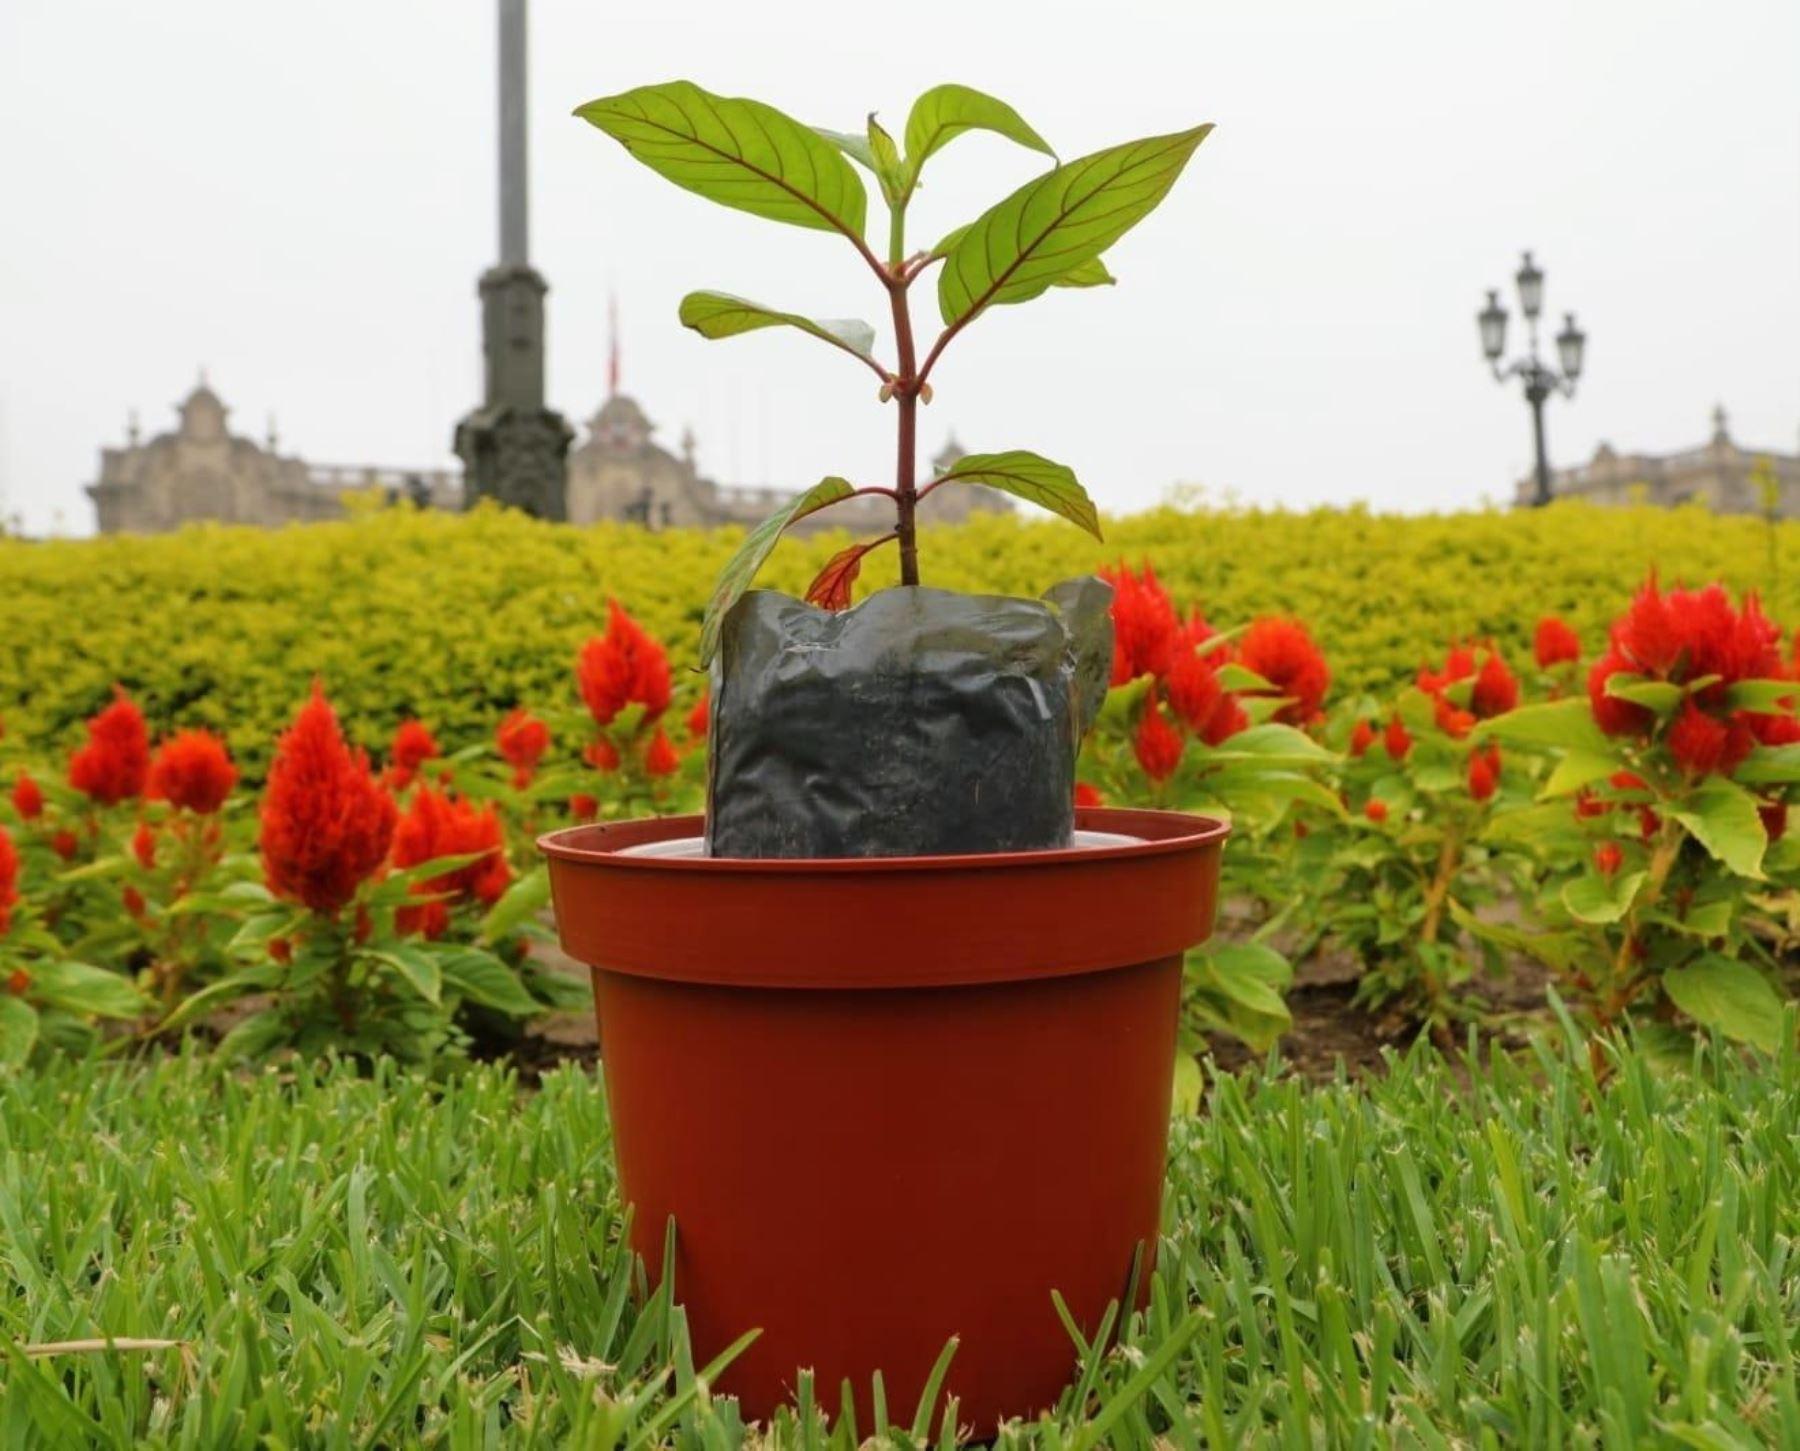 Investigación científica busca descifrar el ADN del emblemático árbol de la quina para producir plantones de élite, afirmó el ministro de Desarrollo Agrario y Riego, Federico Tenorio.ANDINA/Difusión